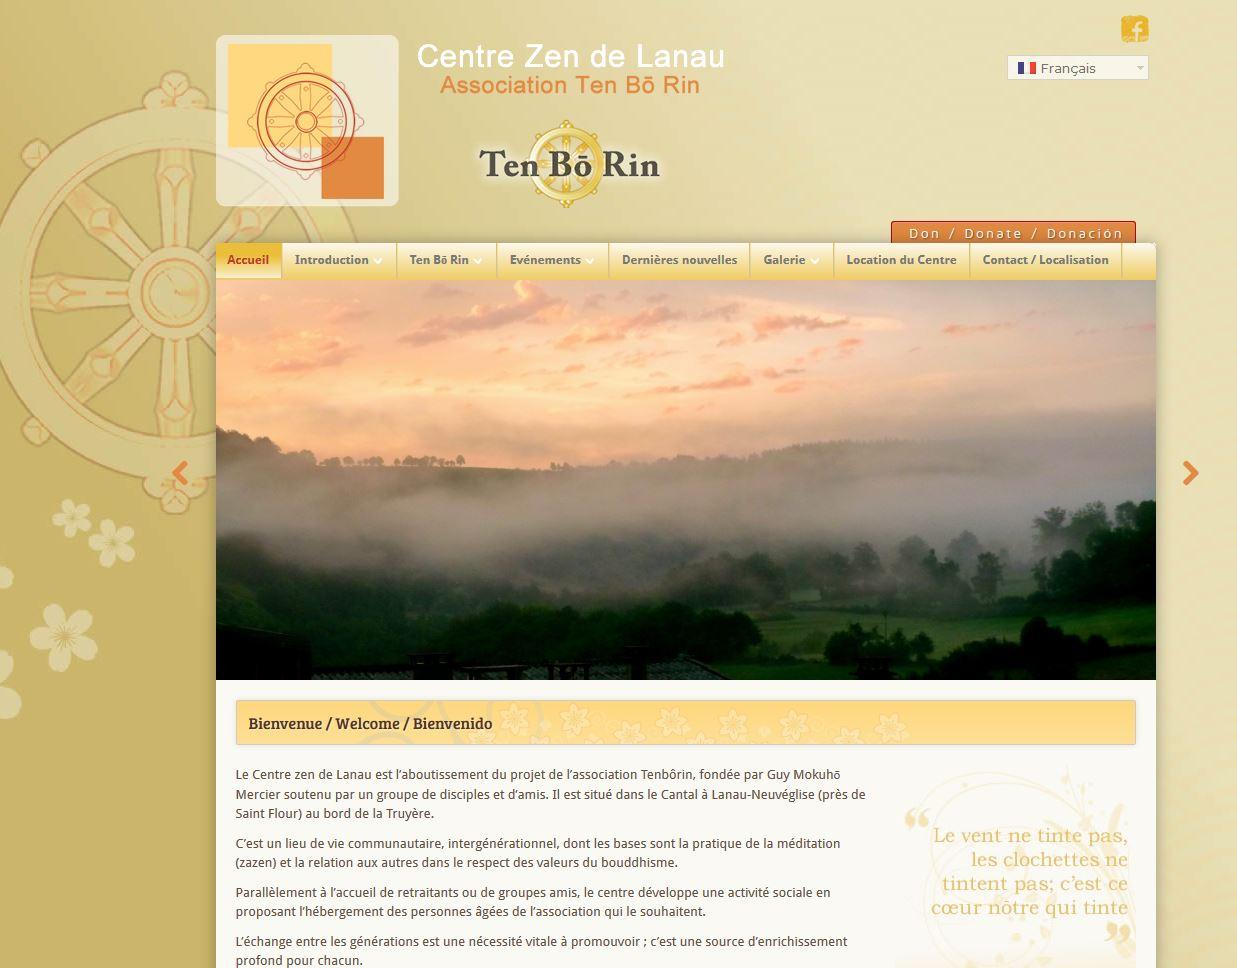 Centre Zen de Lanau